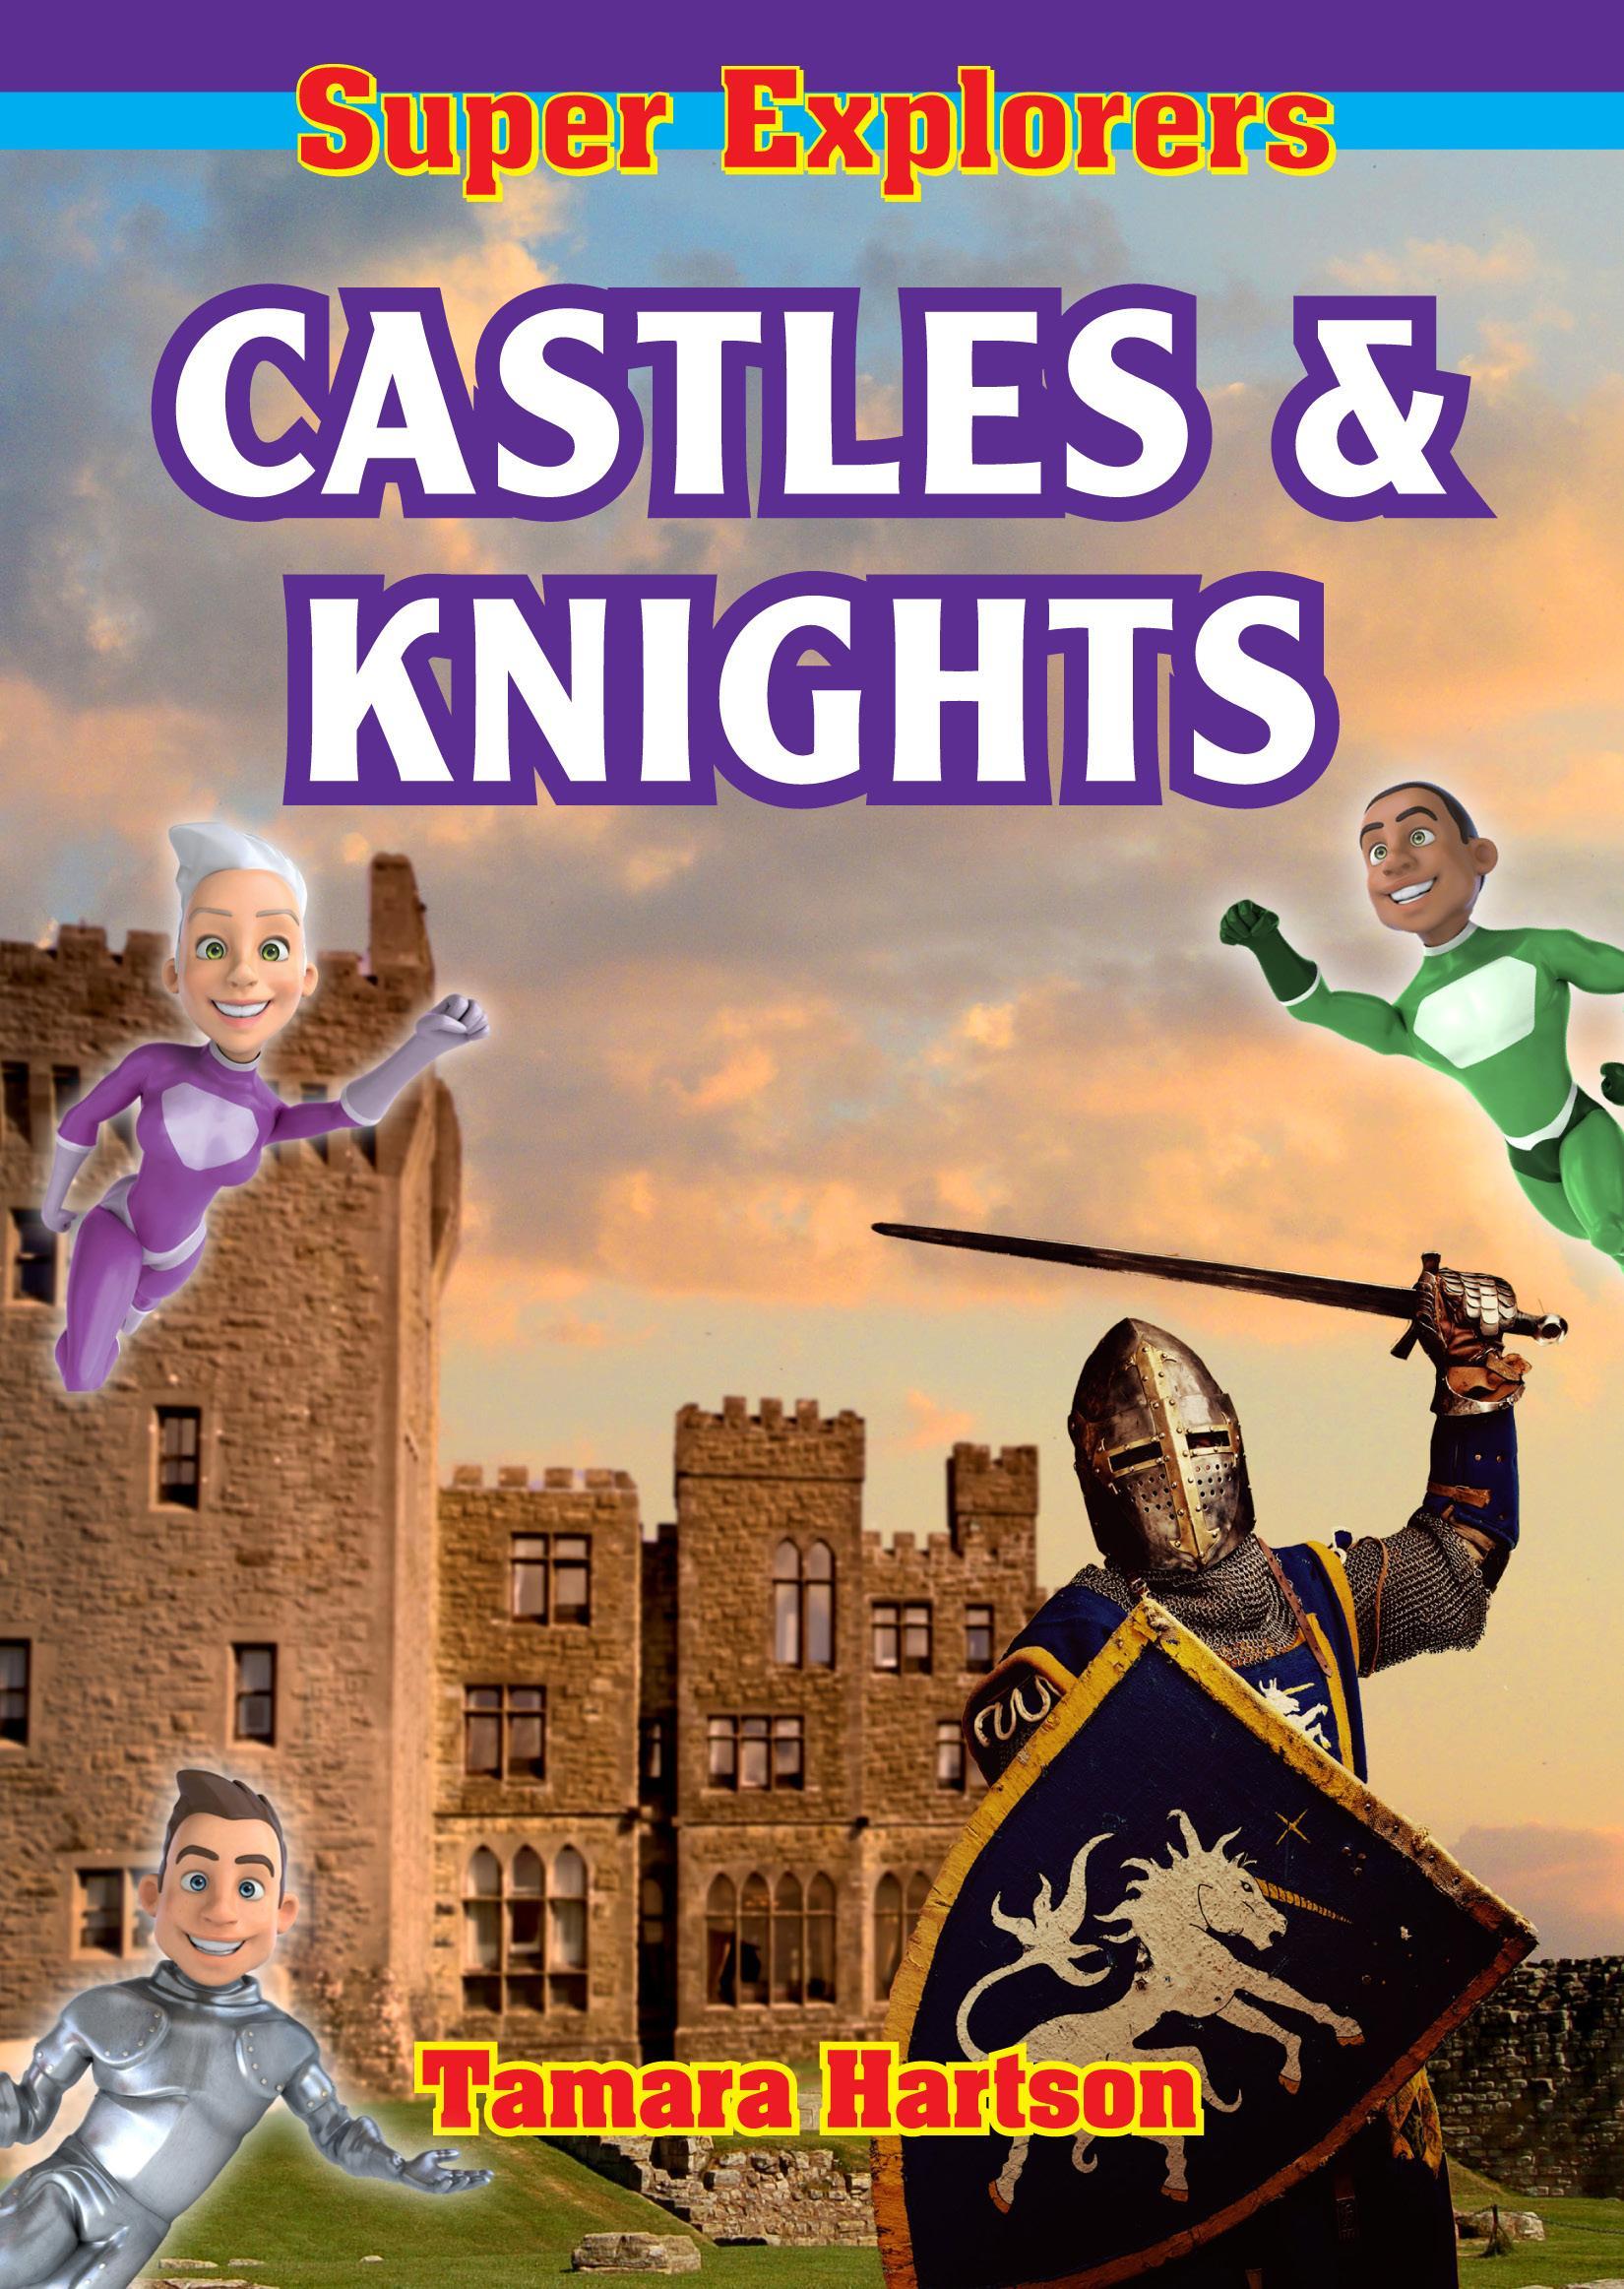 Castles & Knights